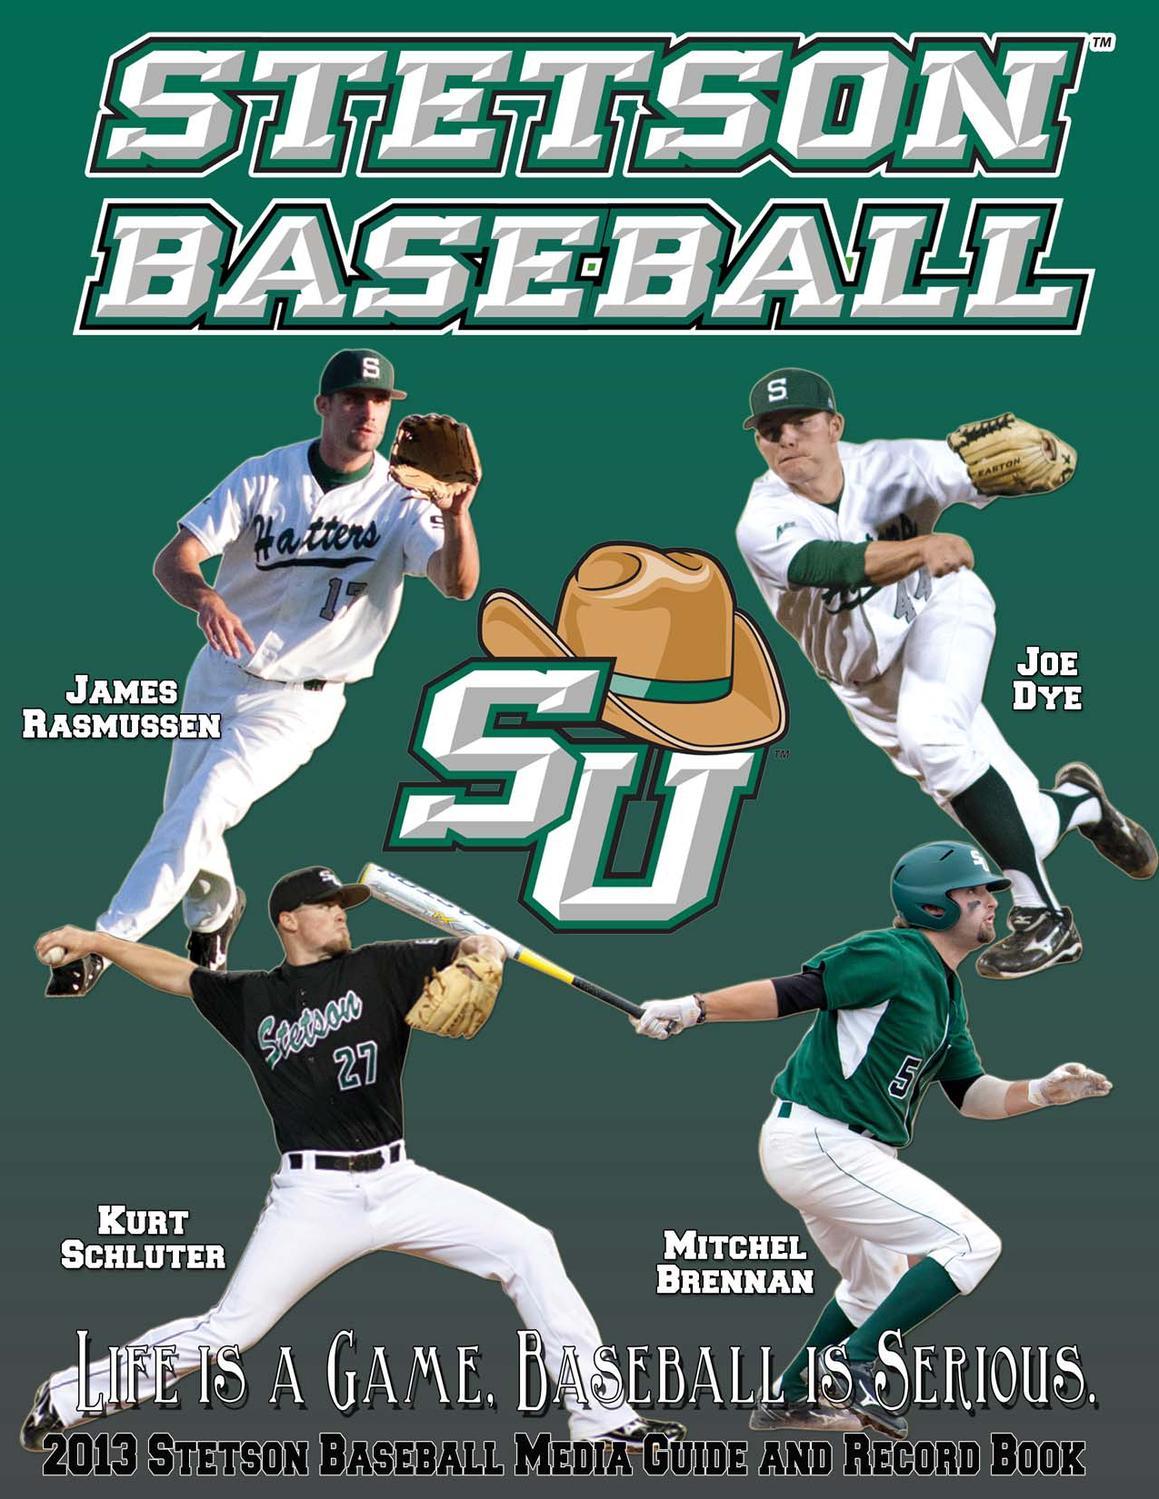 044c9691334 2013 Stetson Baseball Guide by Stetson University Athletics - issuu